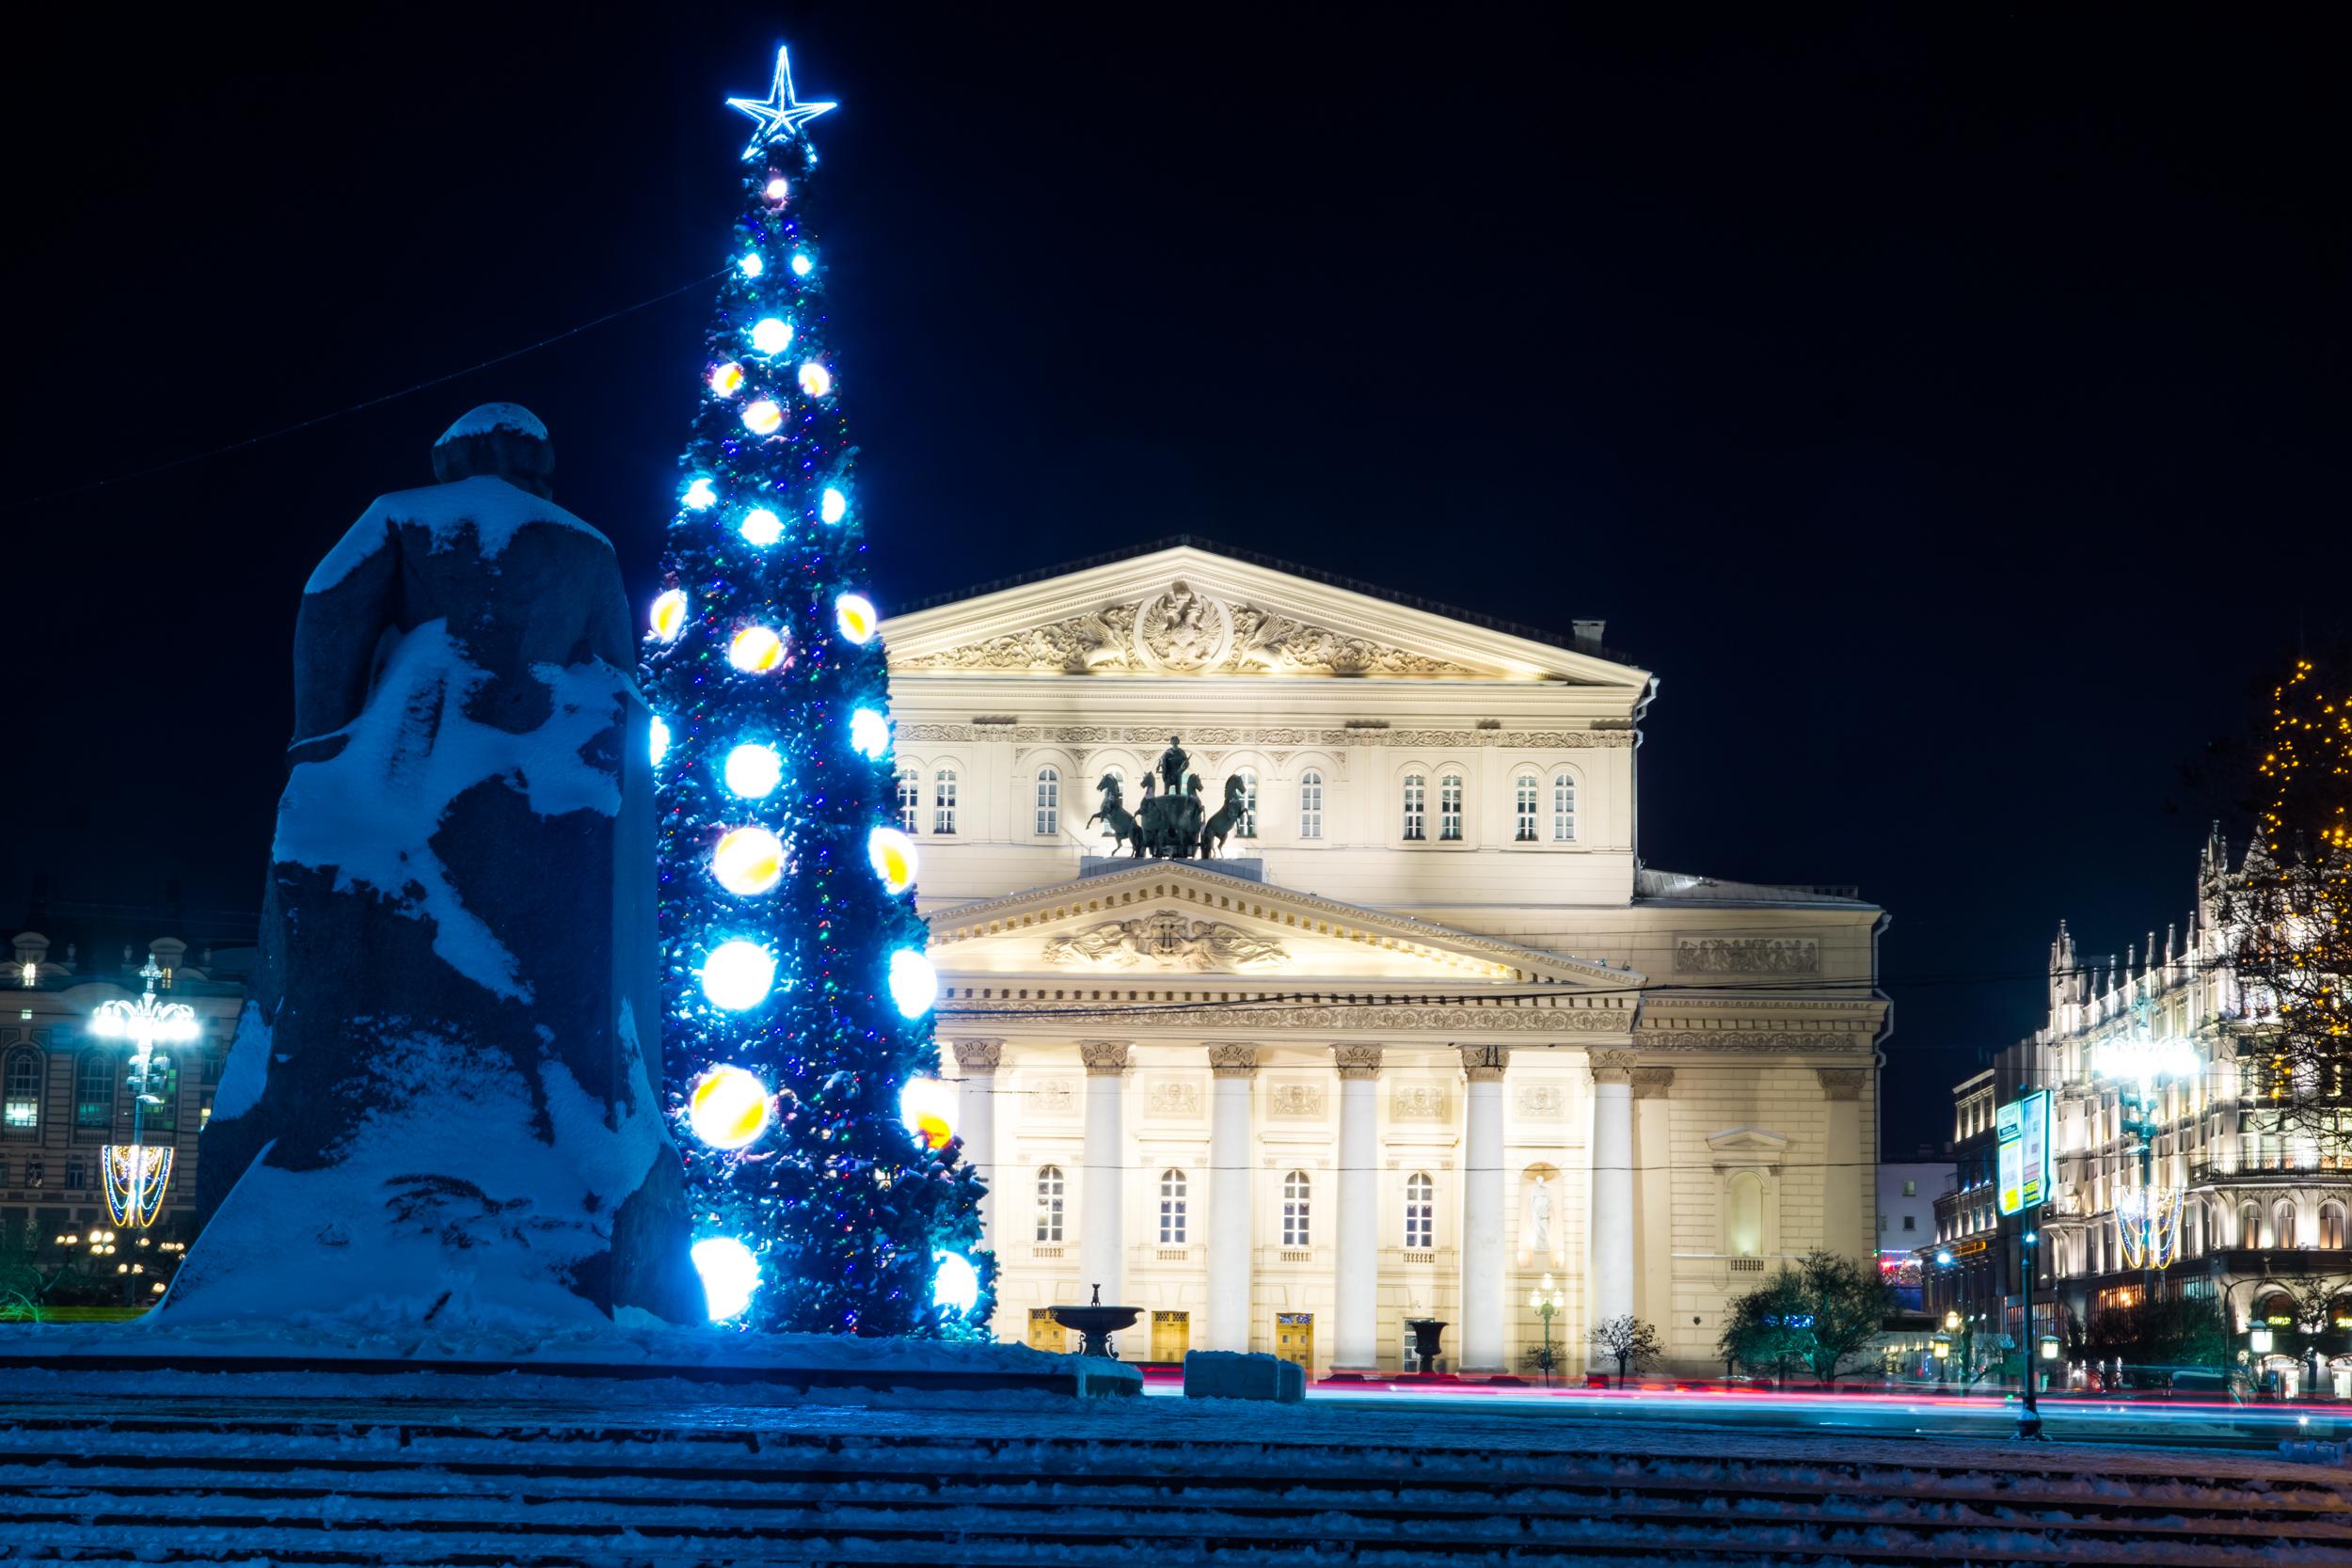 Большой театр зимой с новогодней елкой